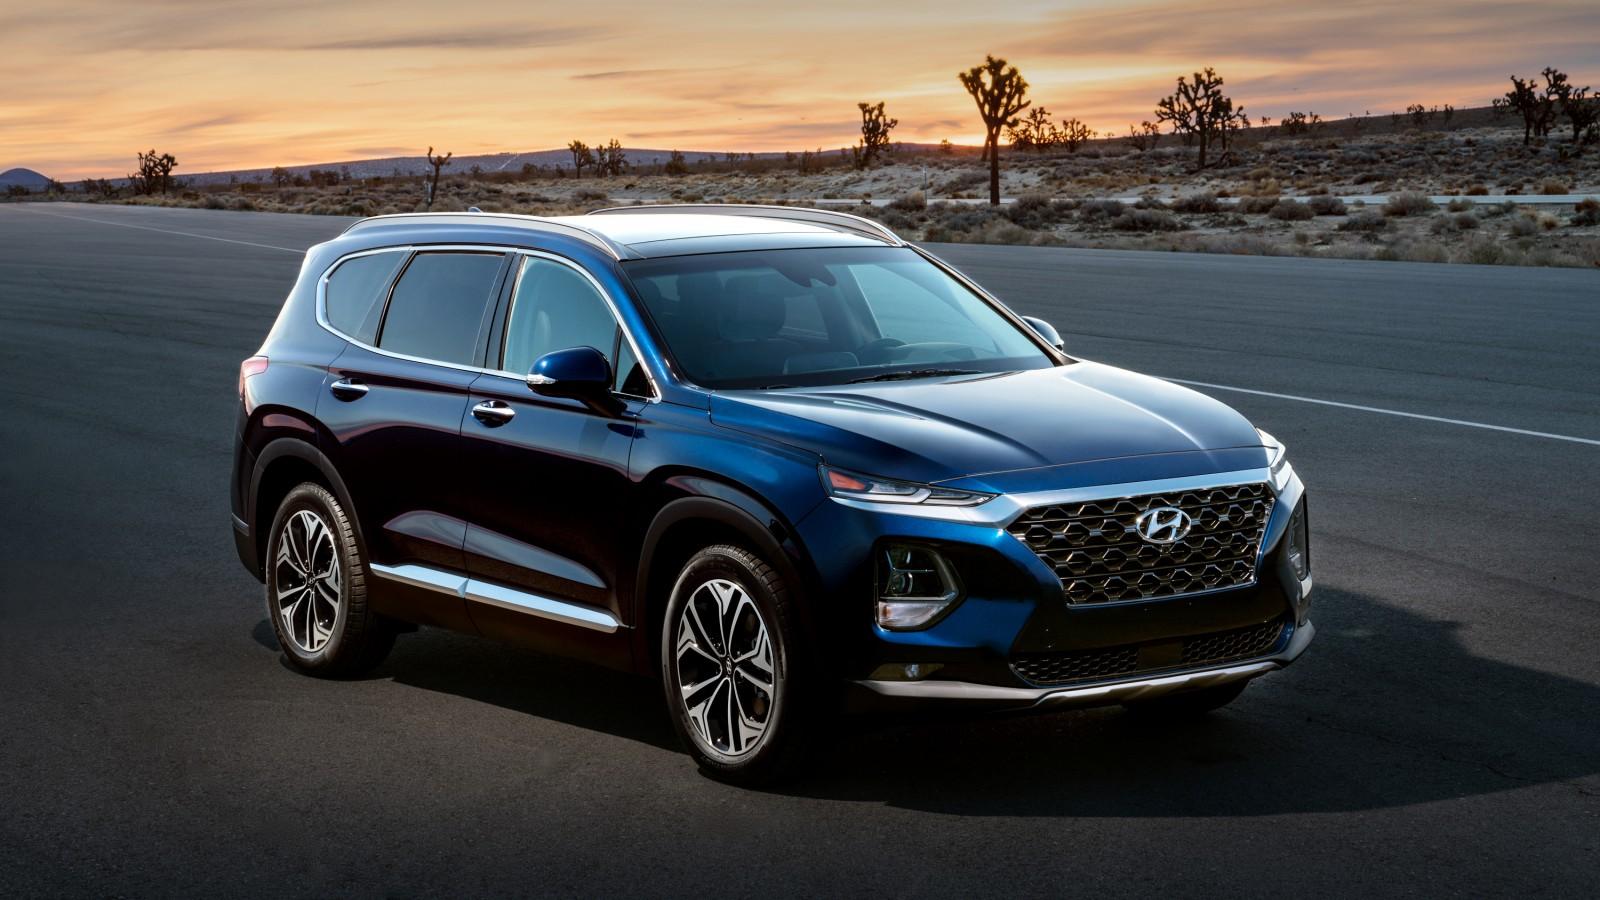 2019 Hyundai Santa Fe Wallpaper